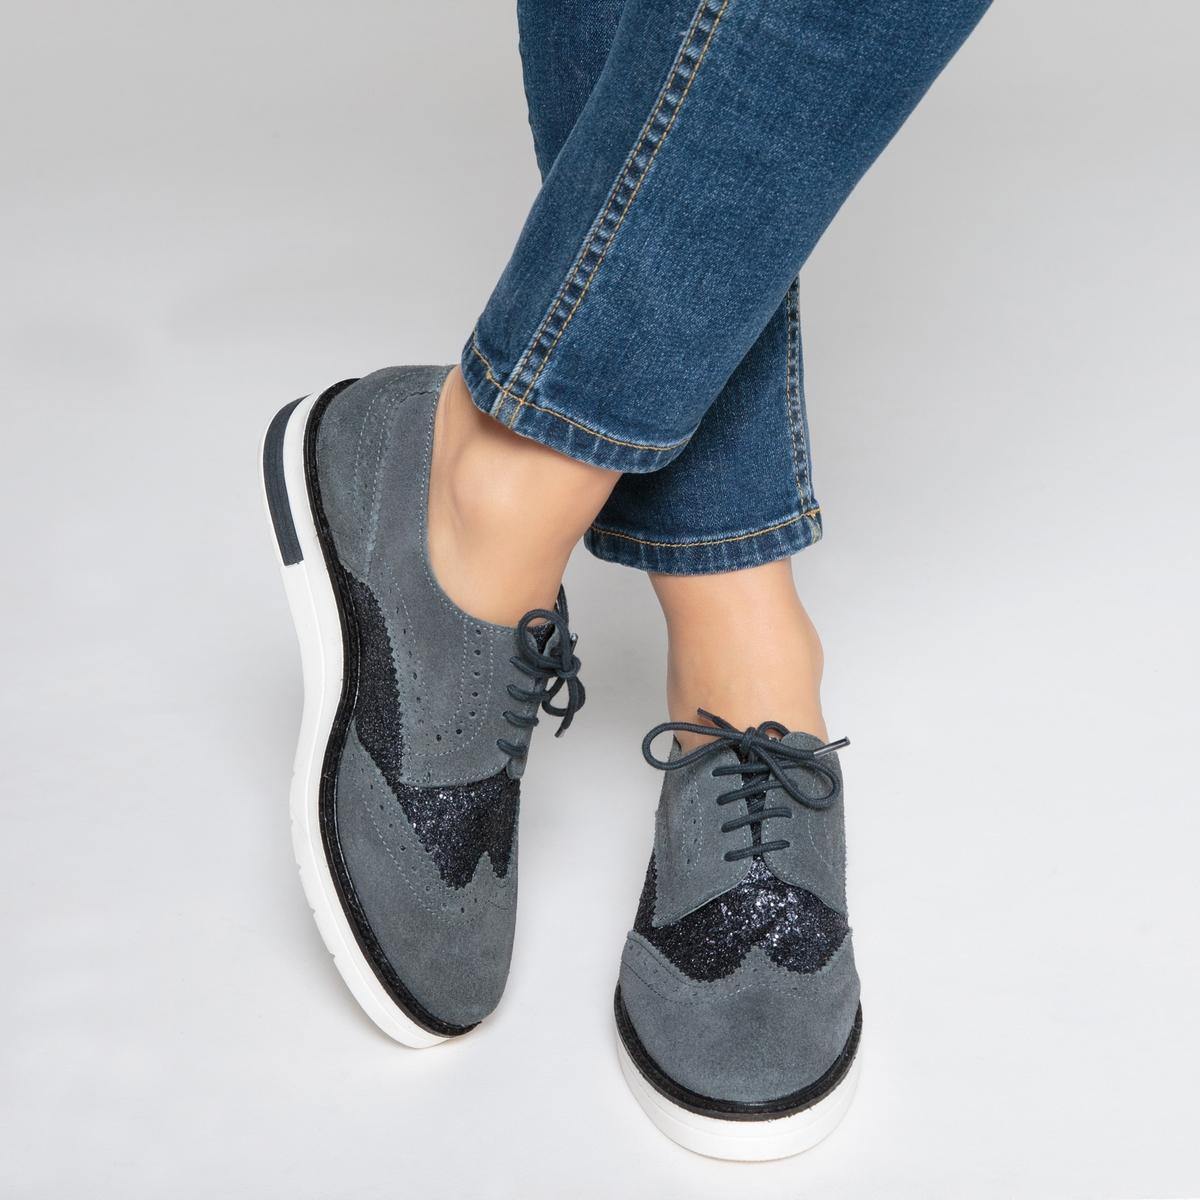 Ботинки-дерби кожаные на танкетке, с блесткамиОписание:Детали •  Ботинки-дерби •  Высота каблука : 2 см •  Застежка : шнуровка •  Круглый мысок •  Гладкая отделкаСостав и уход •  Верх 100% кожа •  Подкладка 100% текстиль •  Стелька 100% кожа •  Подошва 100% эластомерВнимание, эта обувь большемерит. Рекомендуем выбирать эту обувь на размер меньше, чем ваш обычный размер.<br><br>Цвет: сливовый/ серый,темно-серый<br>Размер: 36.40.41.37